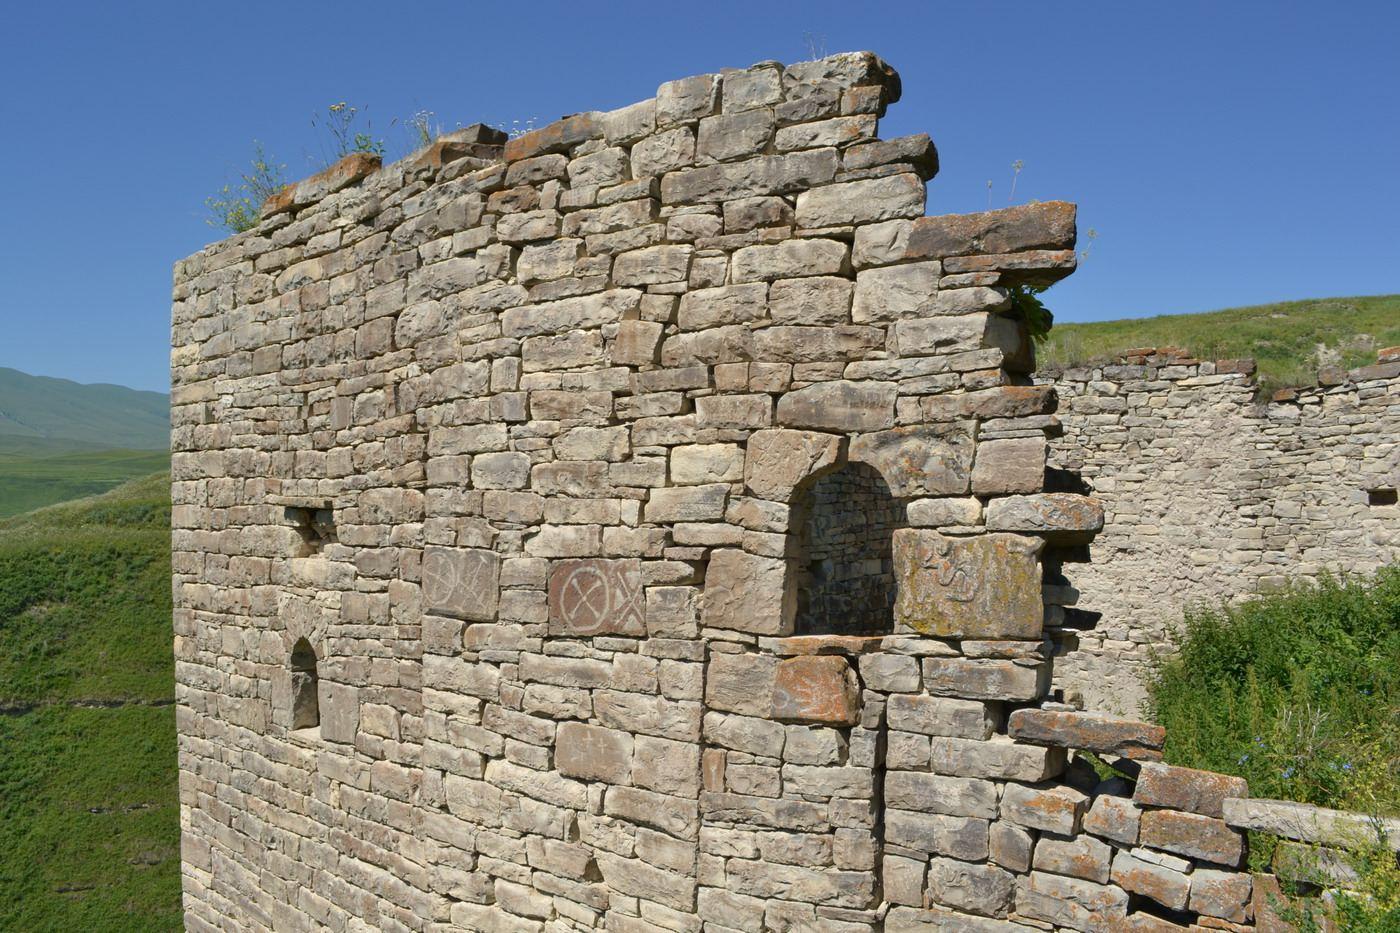 замок горцев, руины, чечня, горы кавказа